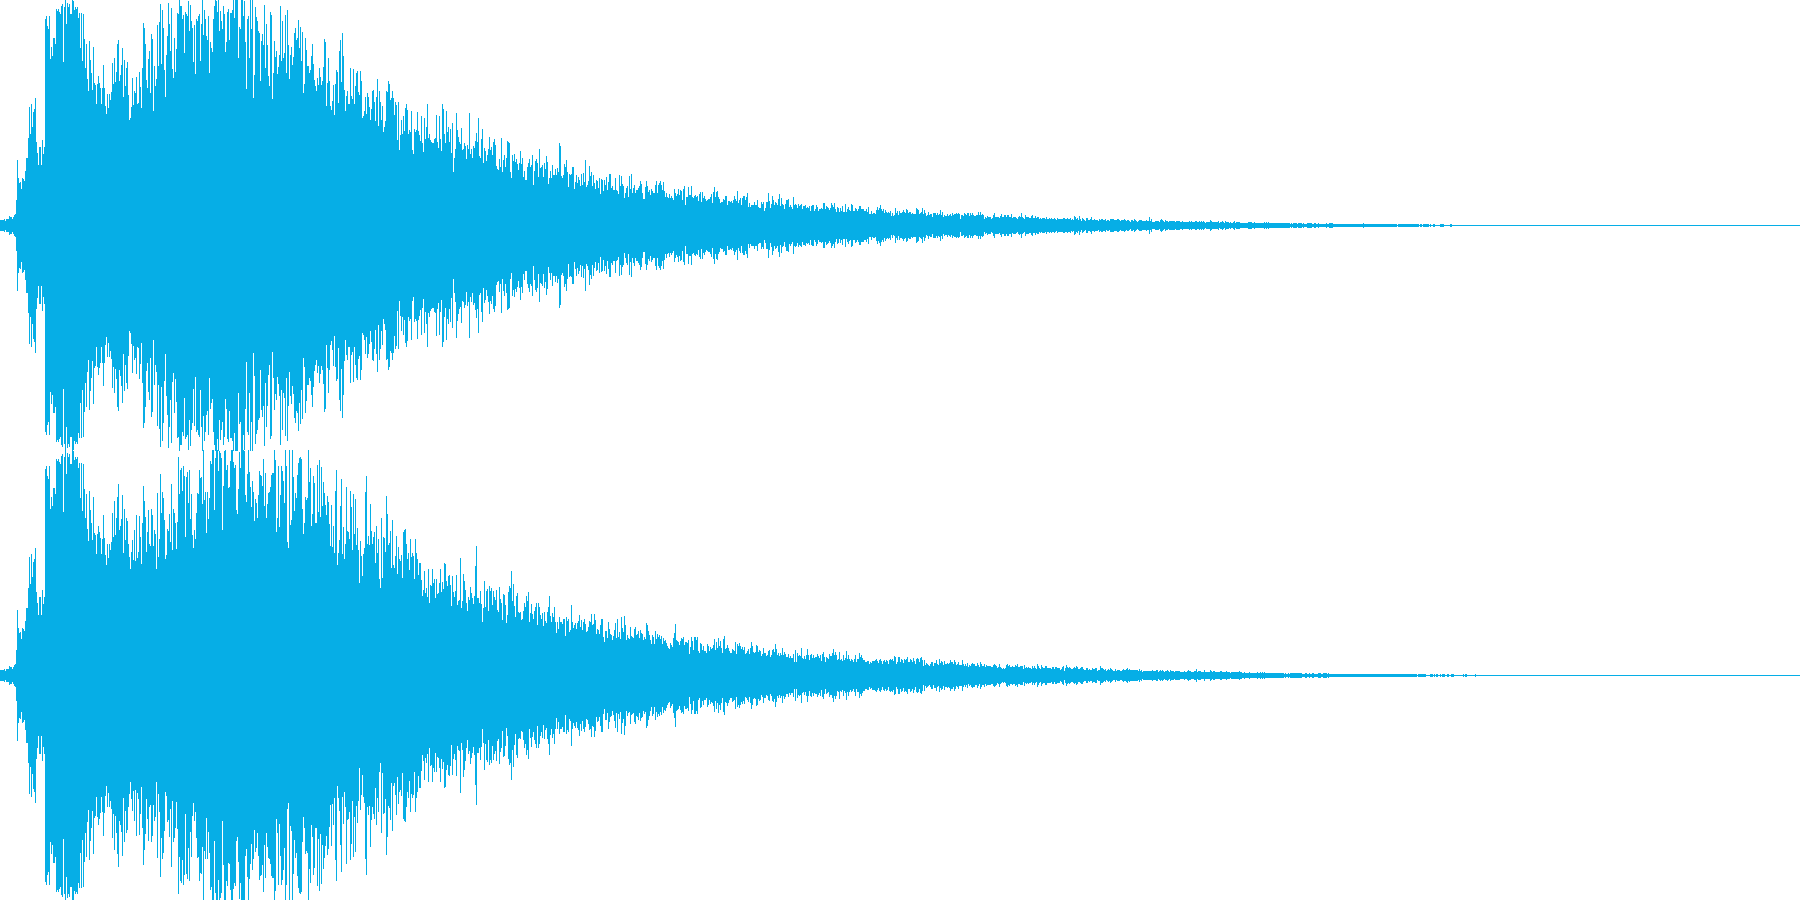 キラキラしたインパクト音の再生済みの波形